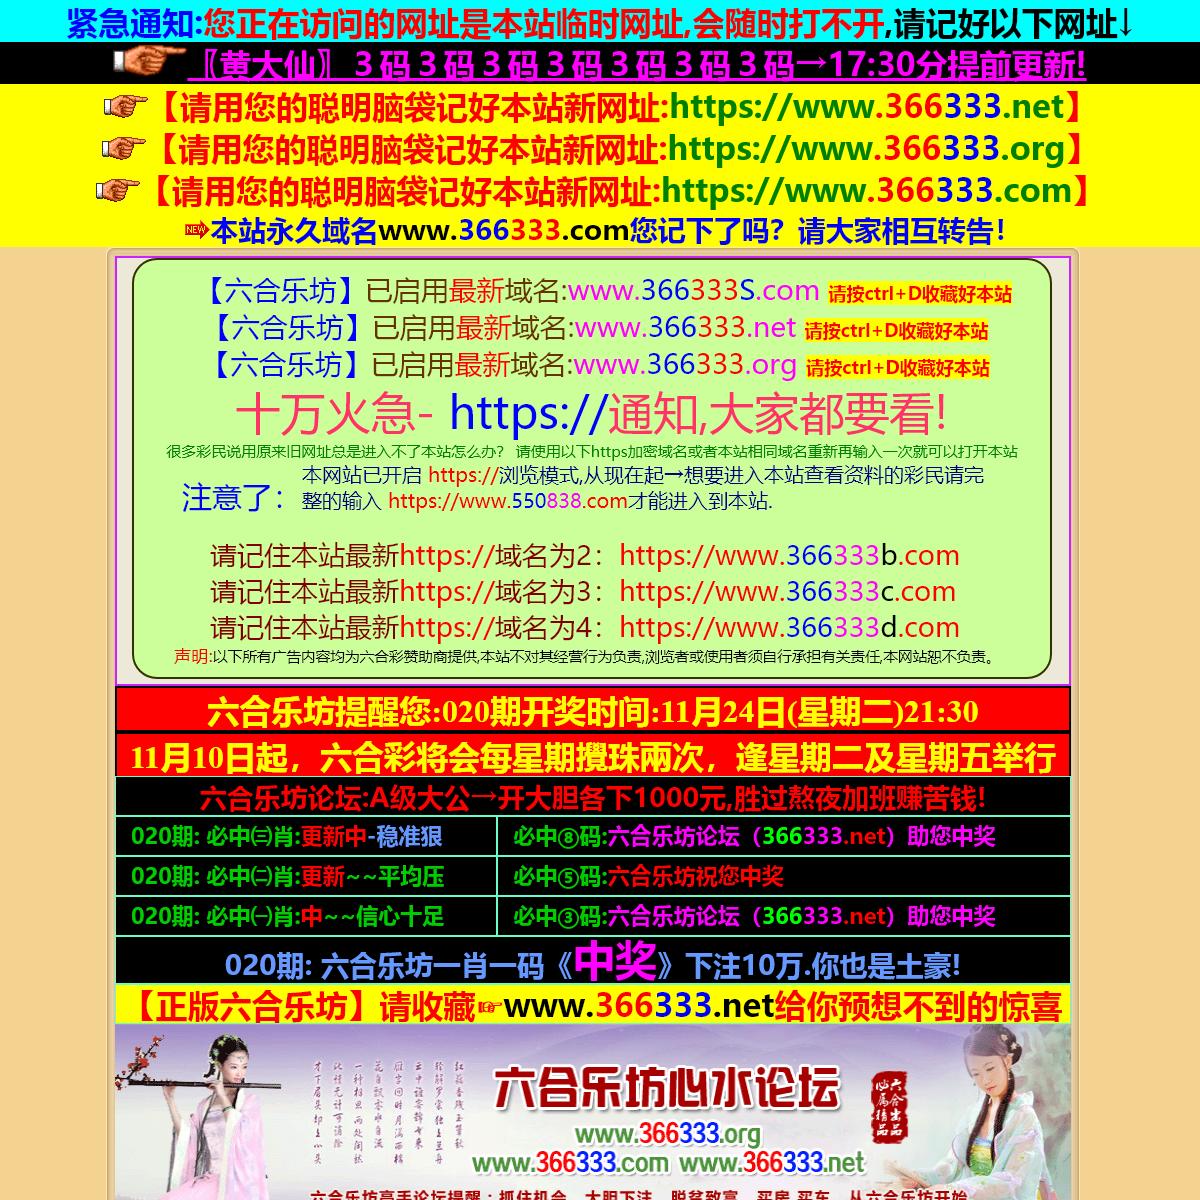 香港最快开奖现场直播-六合开奖记录-本港同步最快开奖